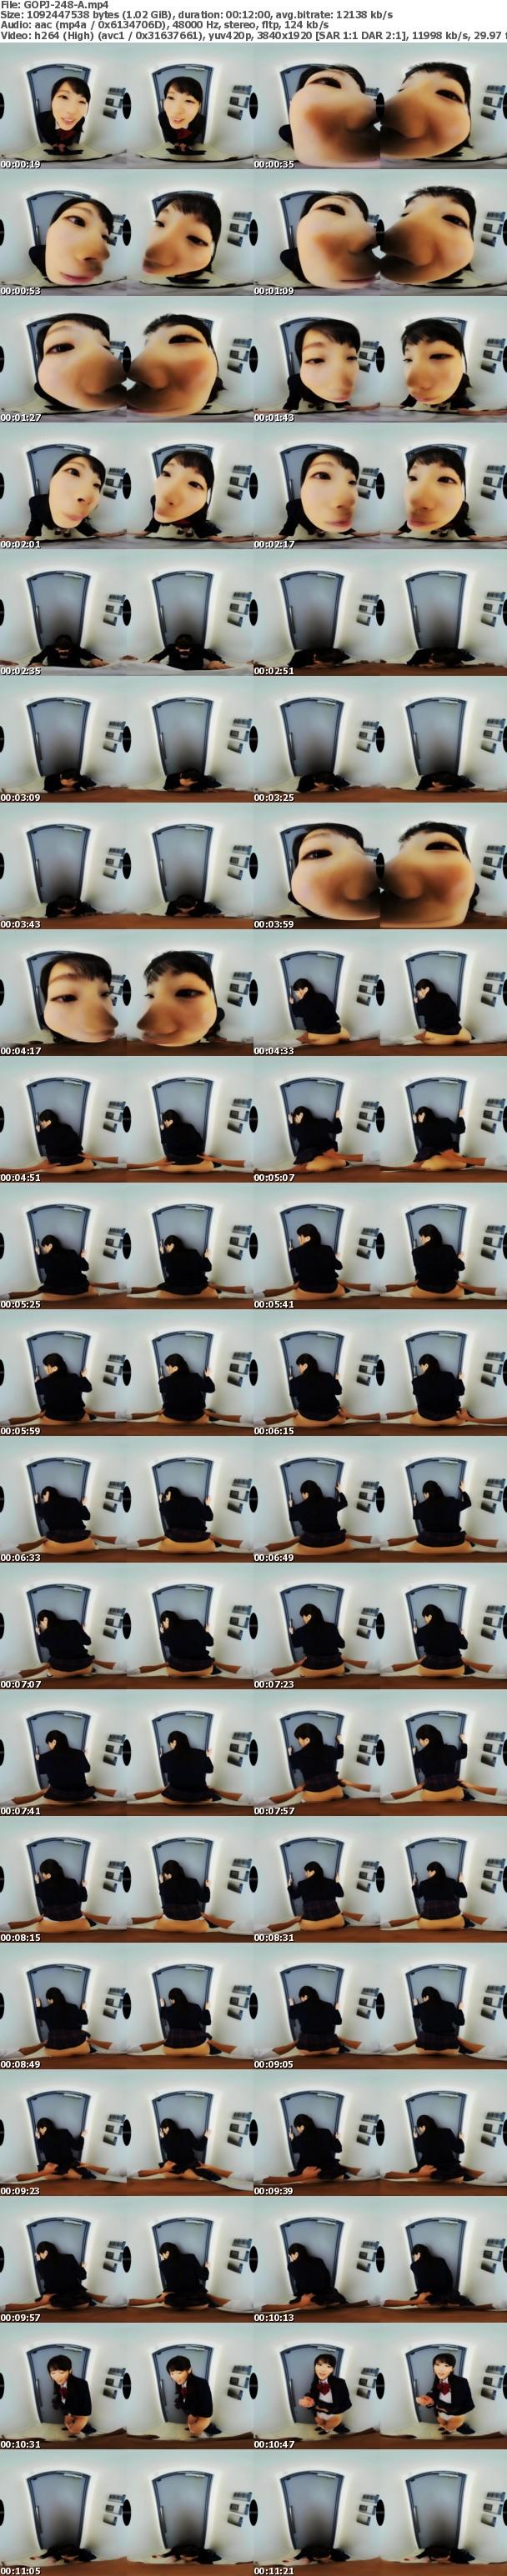 (VR) GOPJ-248 劇的高画質 水樹璃子【3発射】 制服美少女!玄関開けたらキス~即尺フェラ~即挿入!即射精!中出し×3